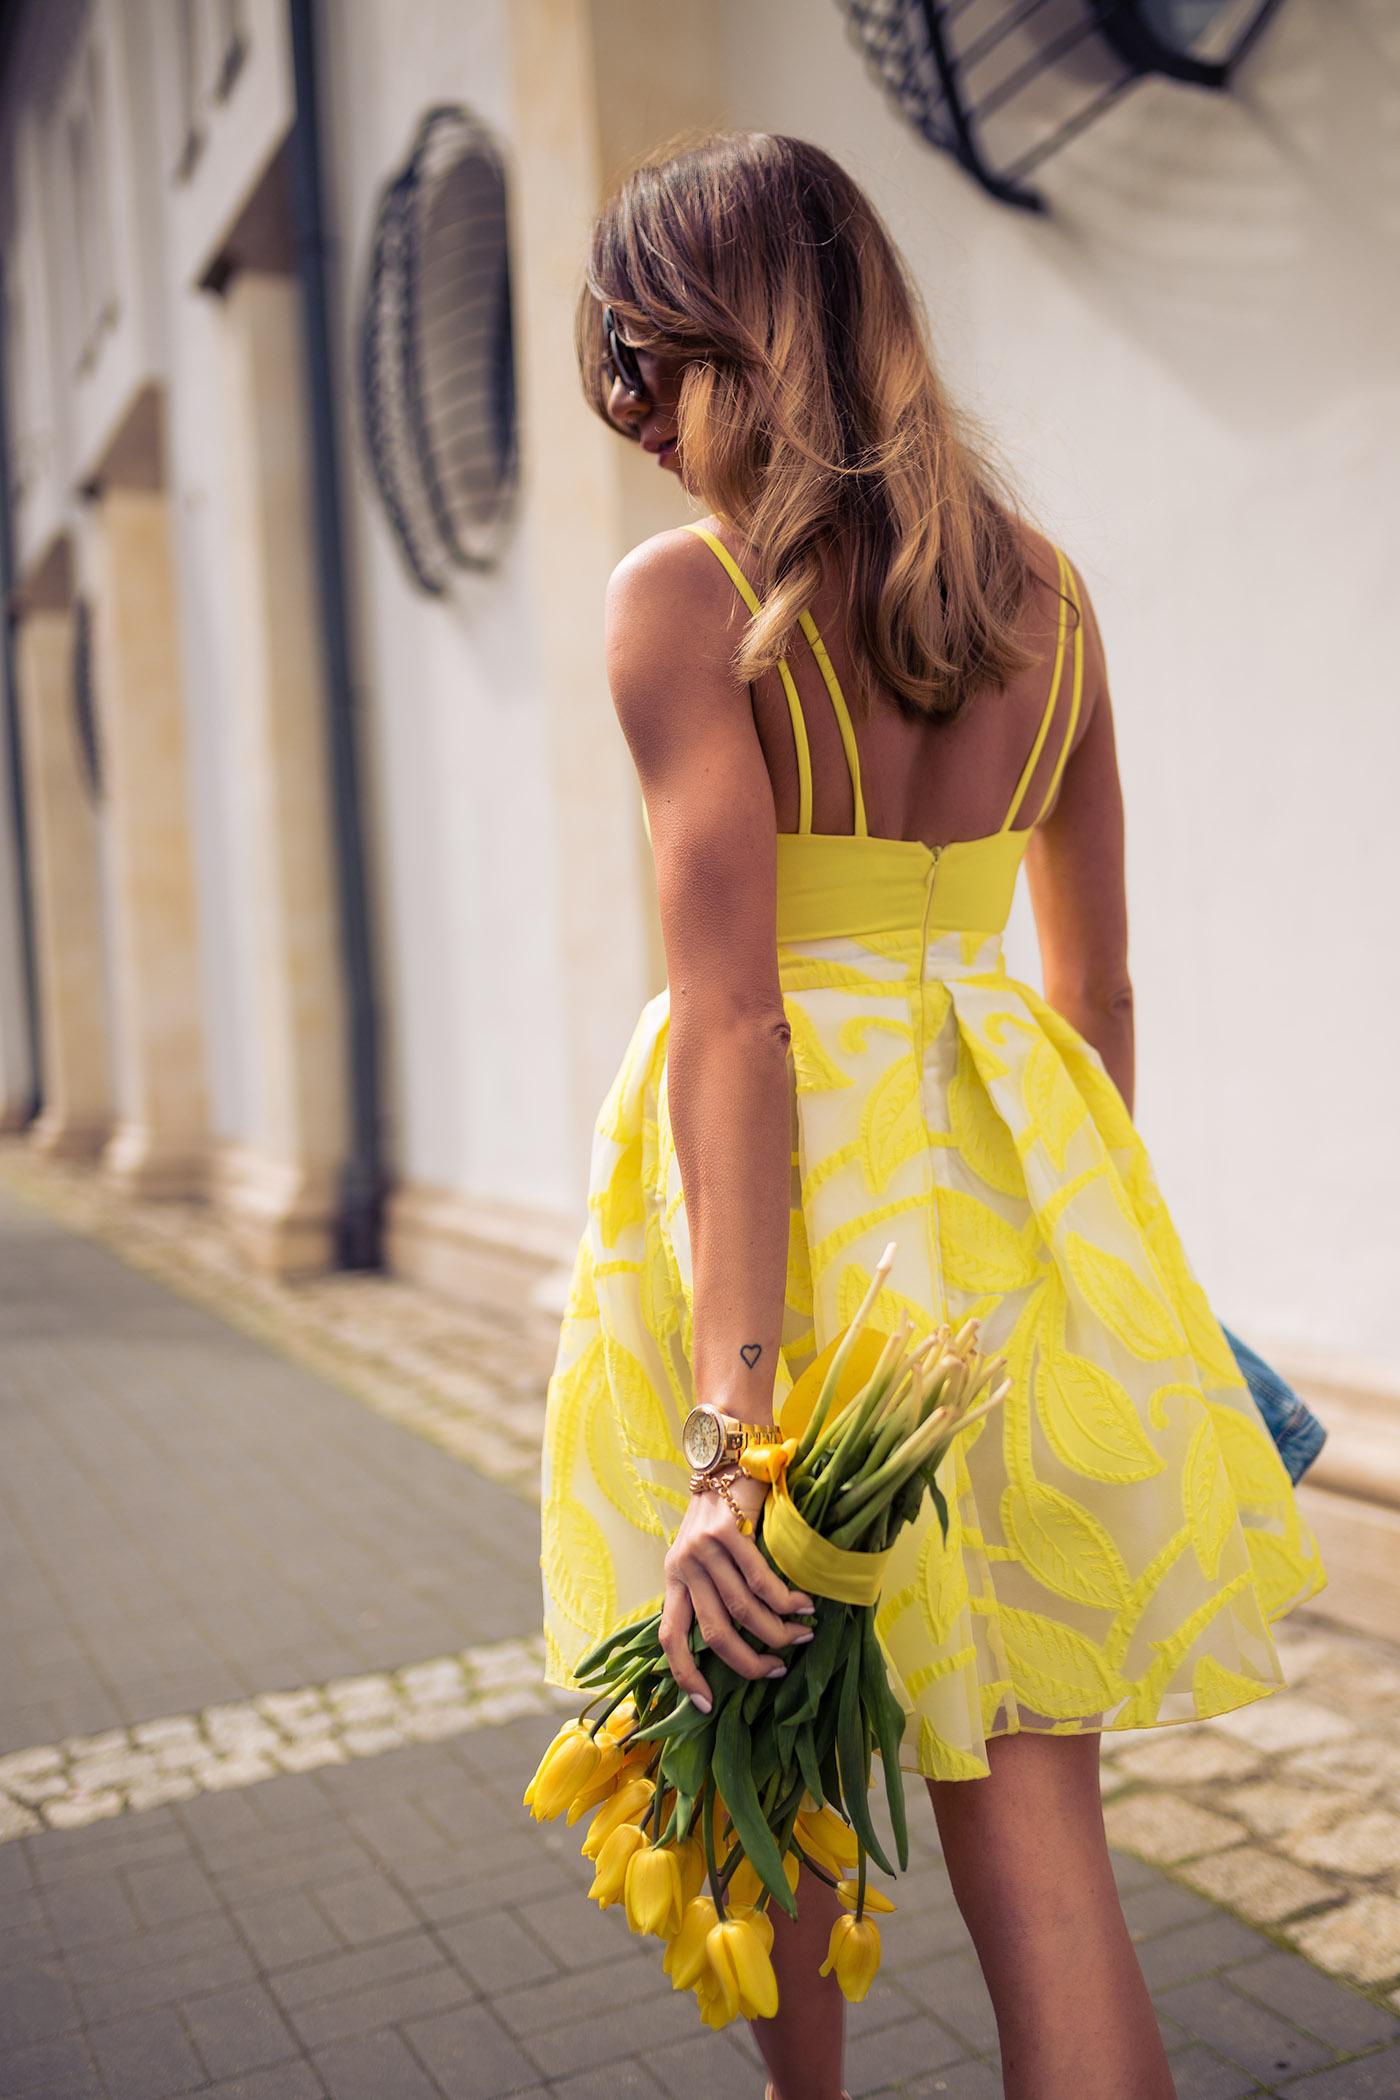 Sukienka na wesele olivka blog, sukienka na wesele